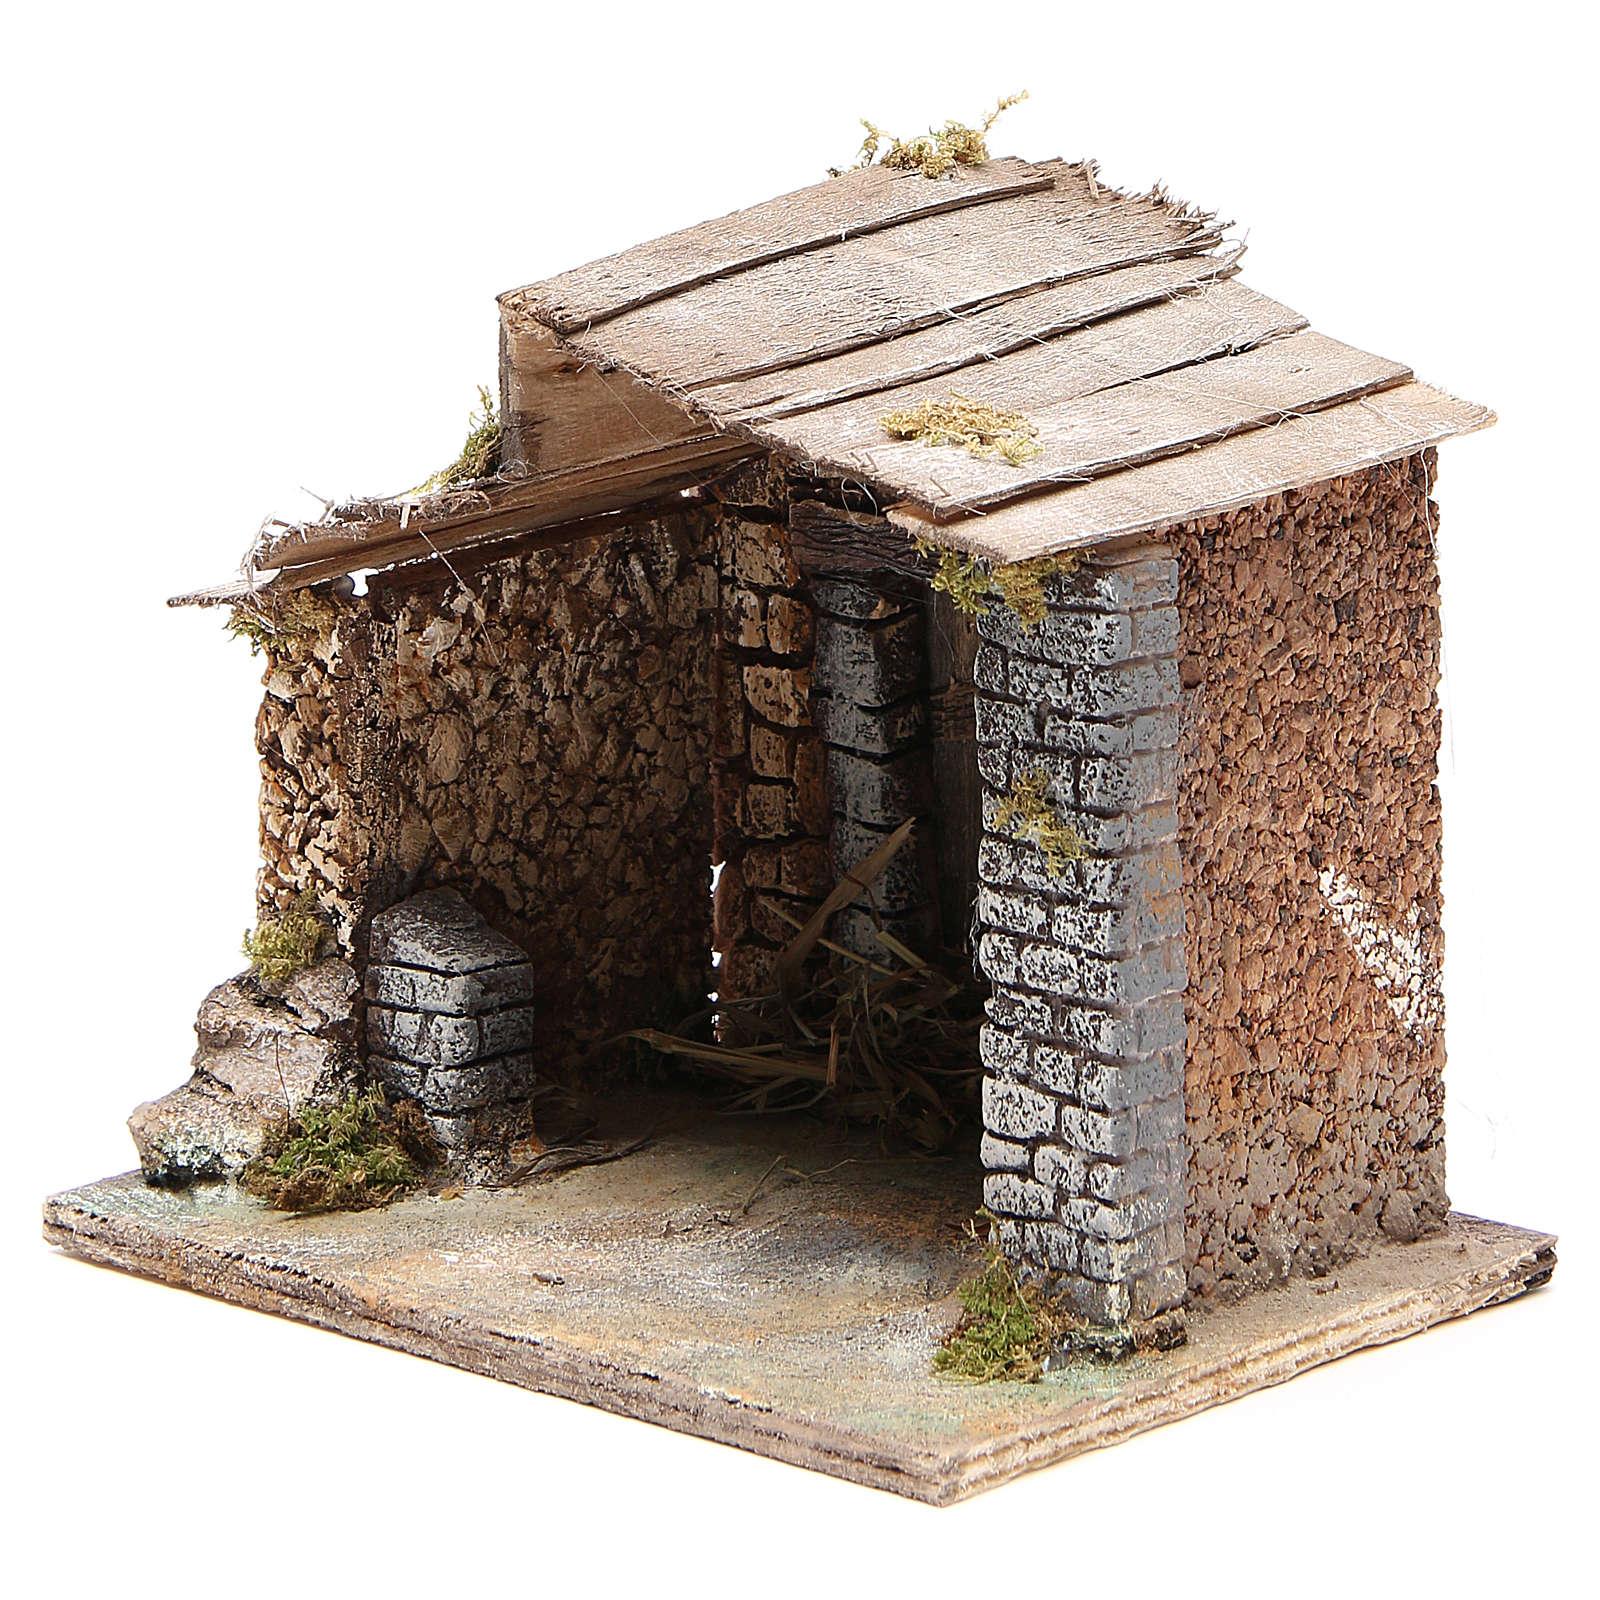 Cabane crèche Naples bois et liège 17x20x16 cm 4